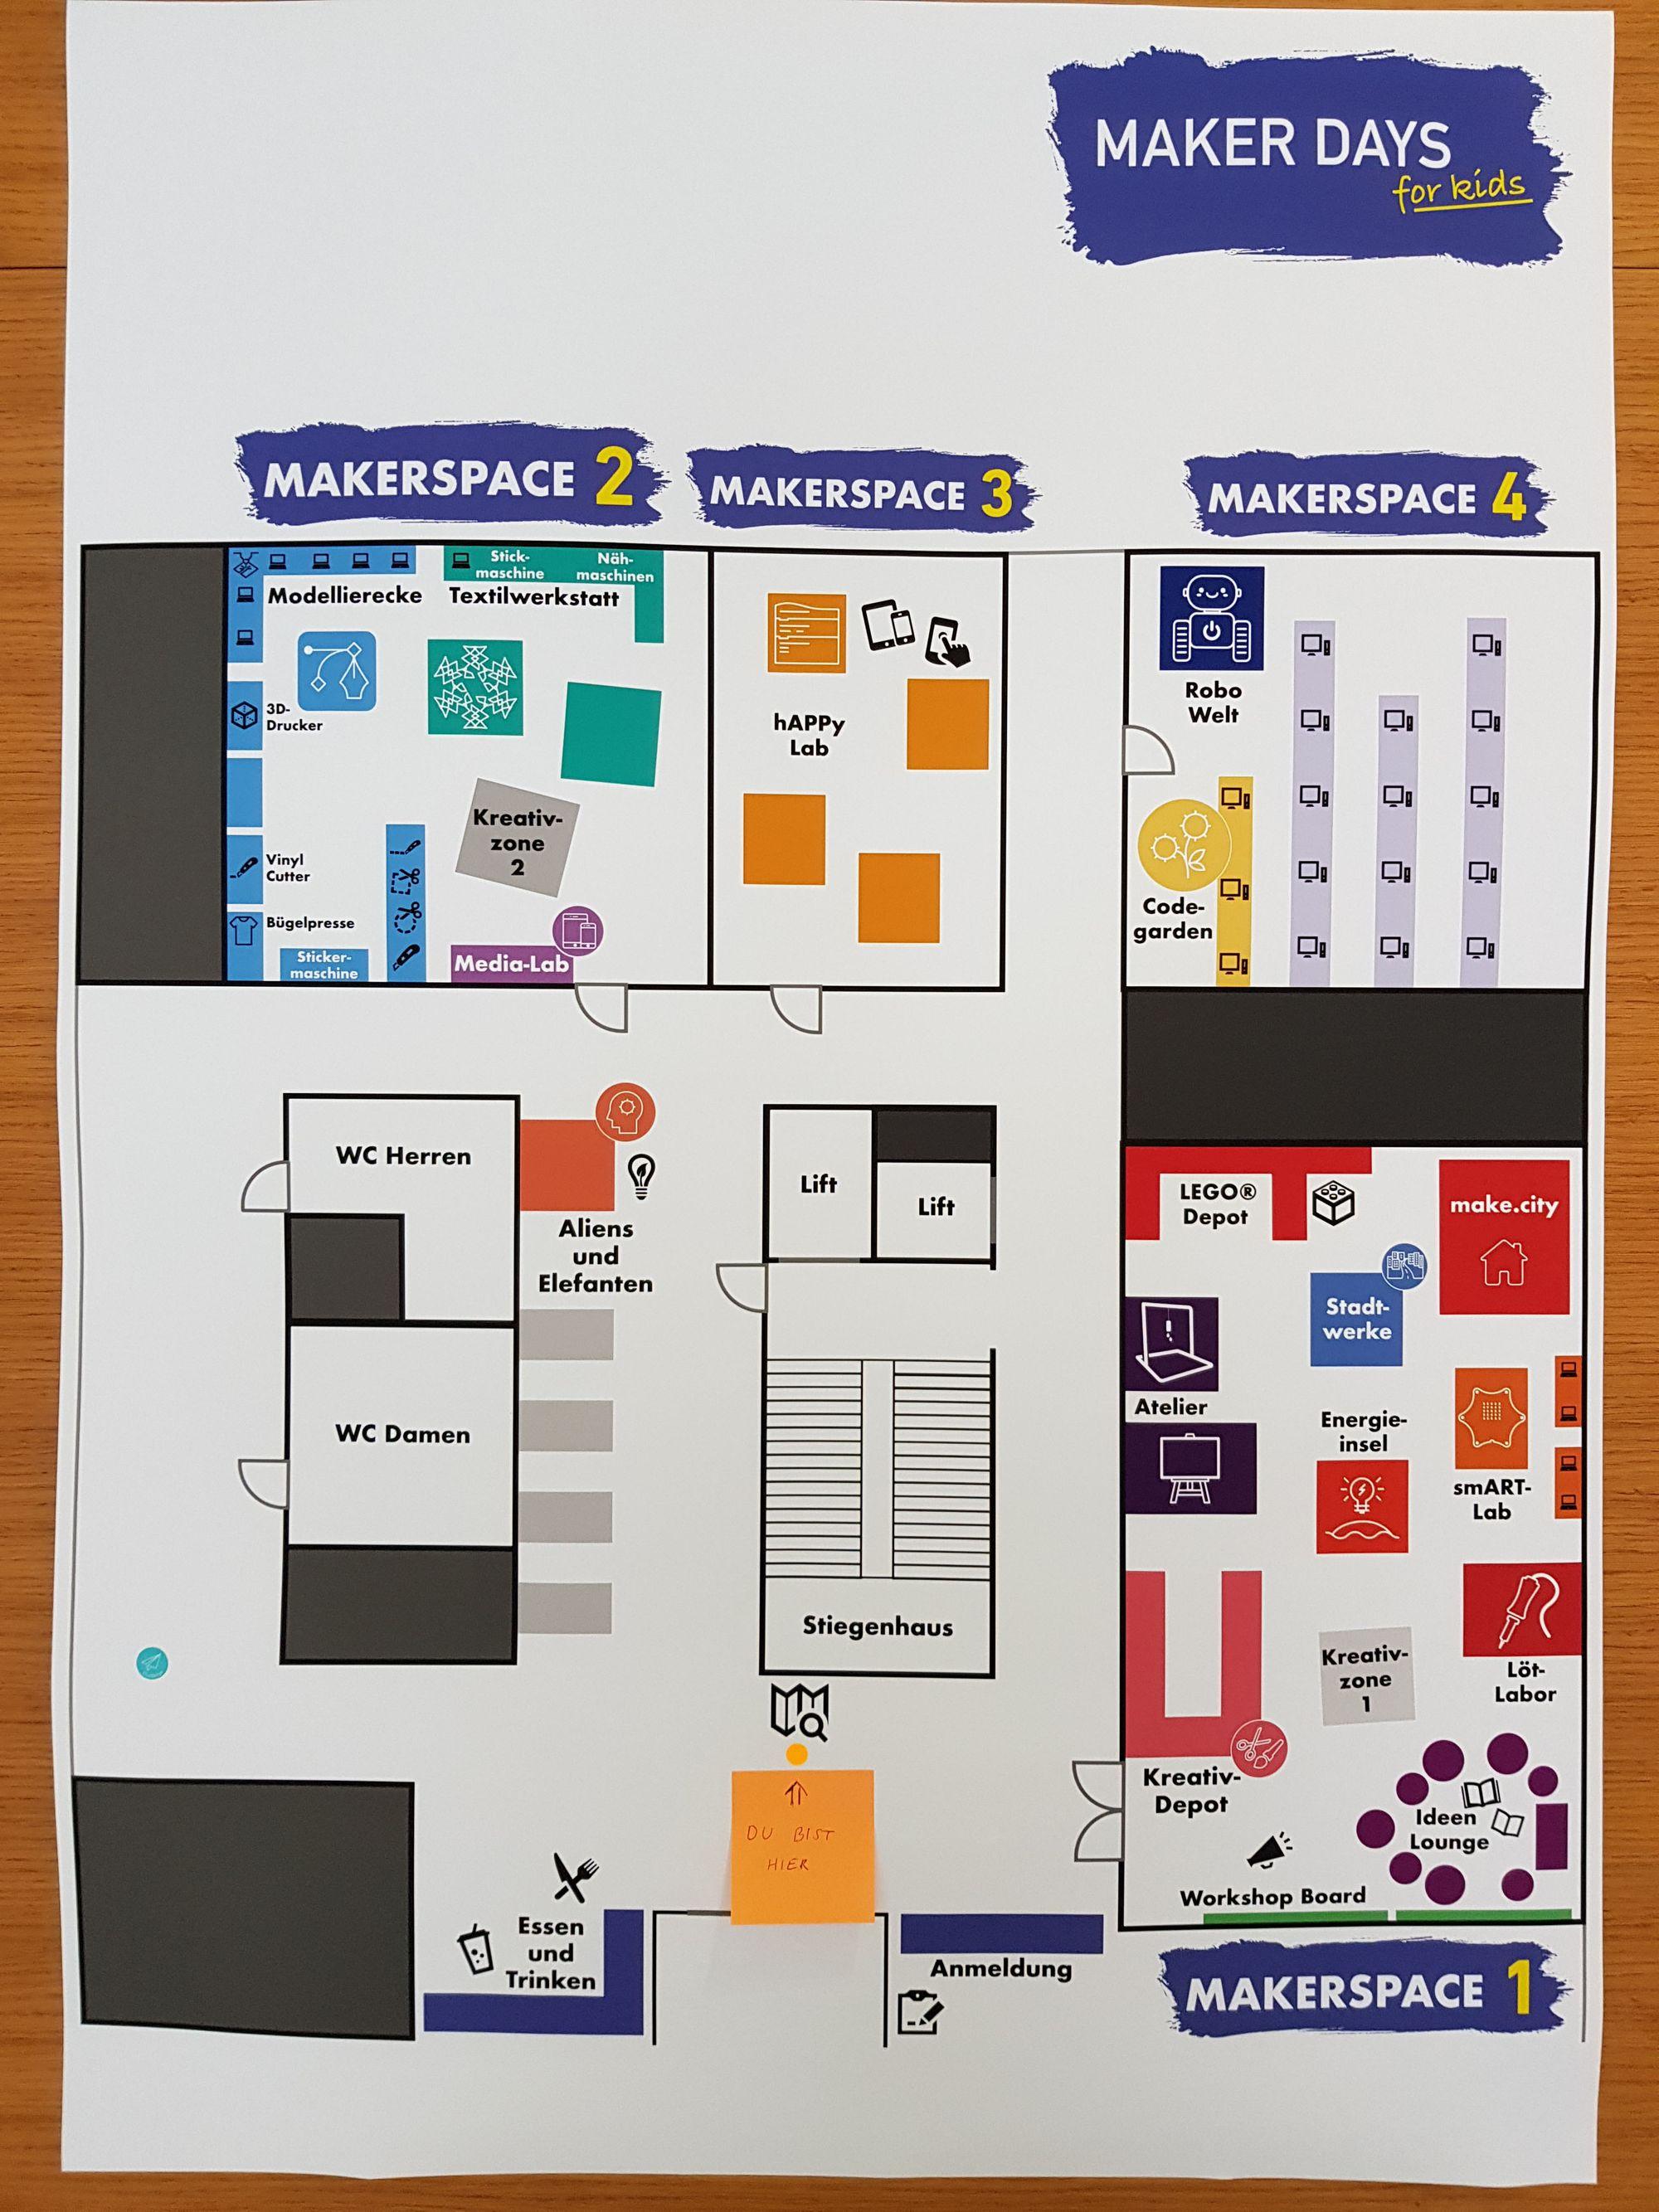 Plakat mit der Übersicht der Räume der MAKER DAYS 2019.